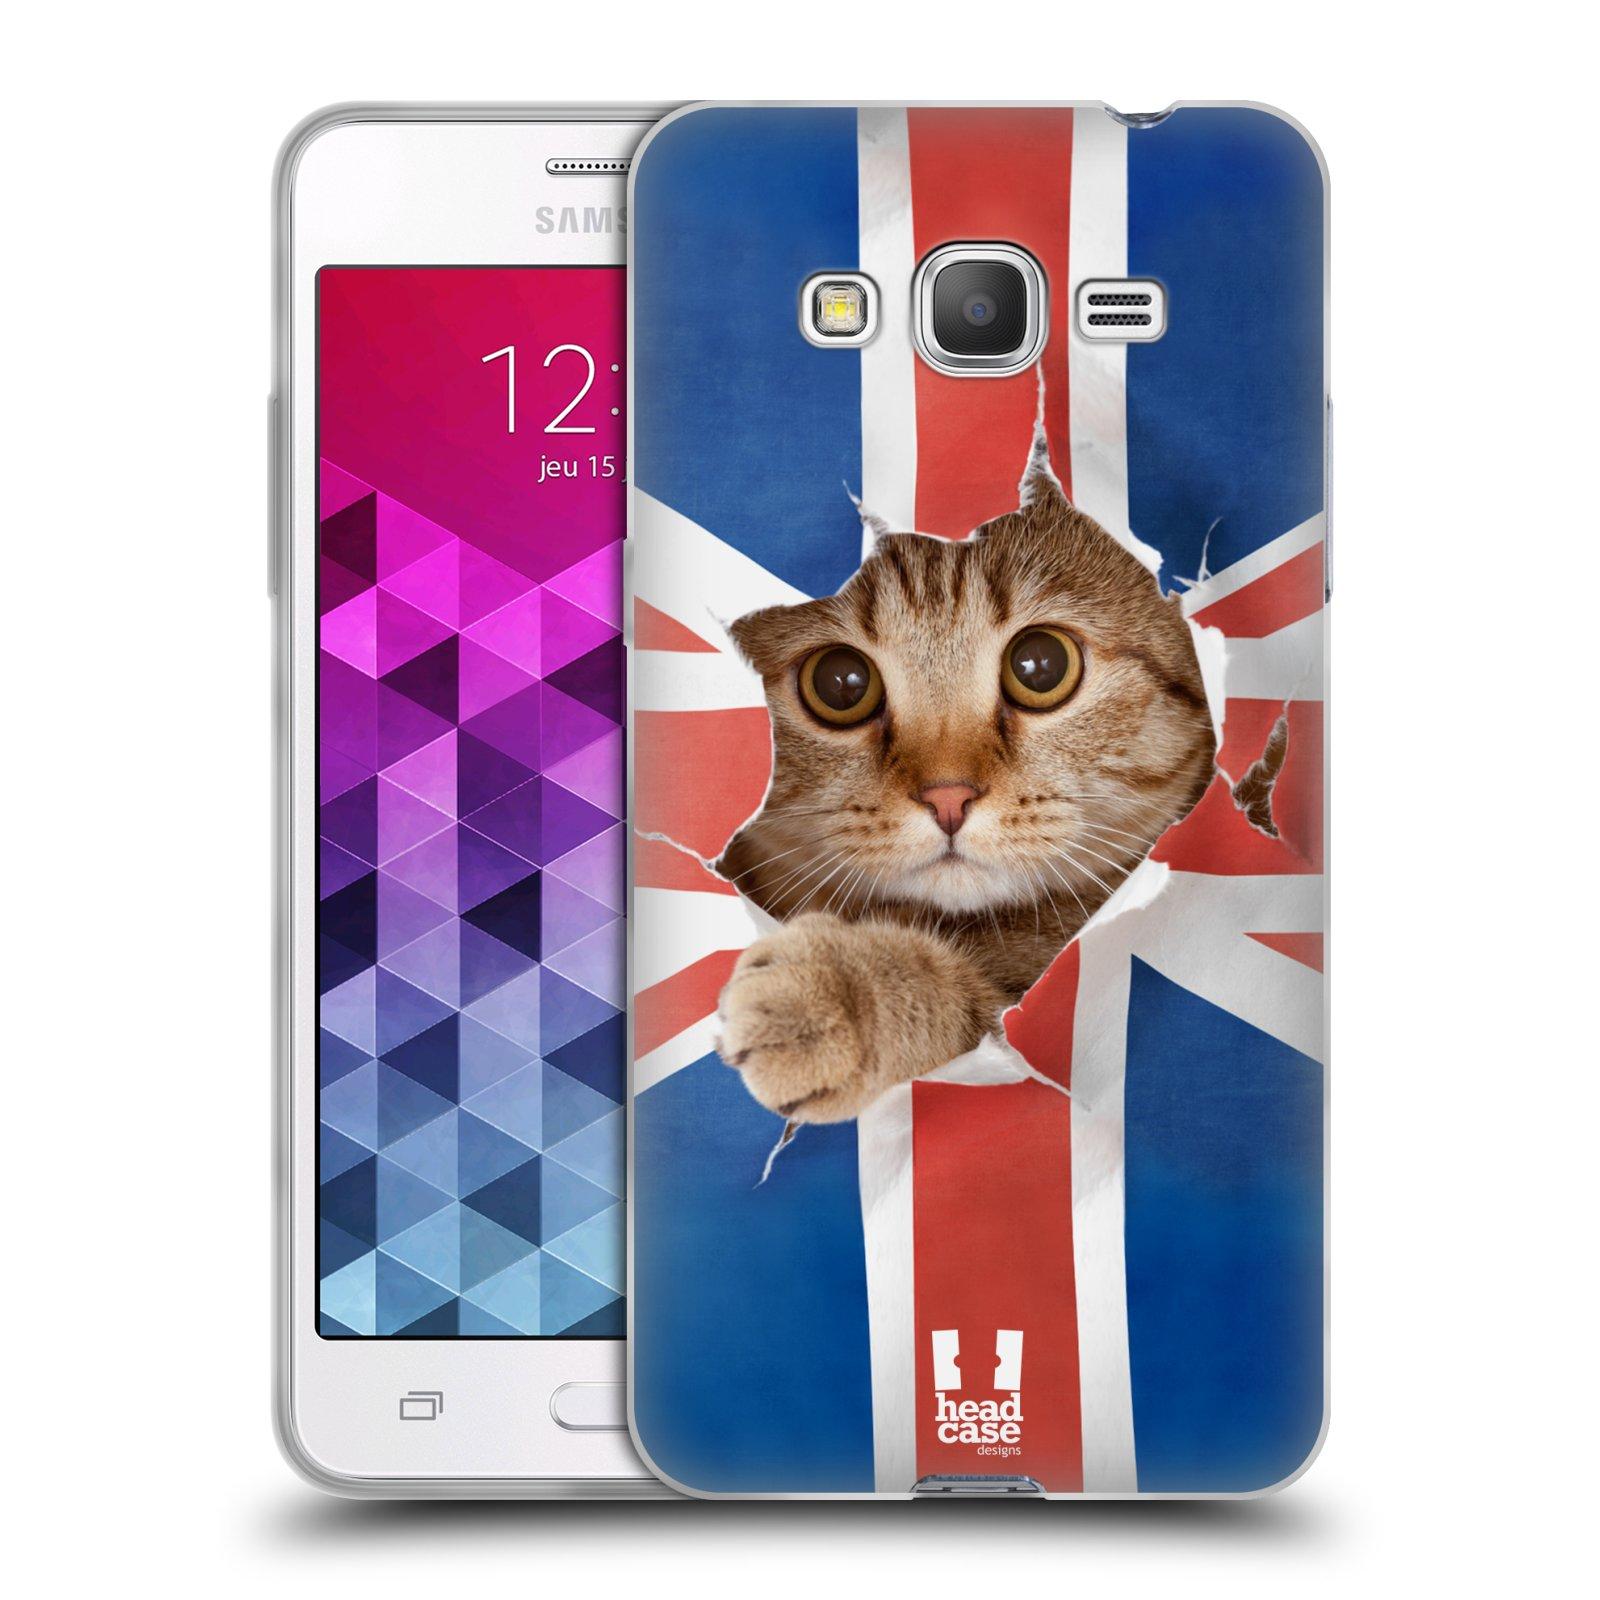 HEAD CASE silikonový obal na mobil Samsung Galaxy GRAND PRIME vzor Legrační zvířátka kočička a Velká Británie vlajka